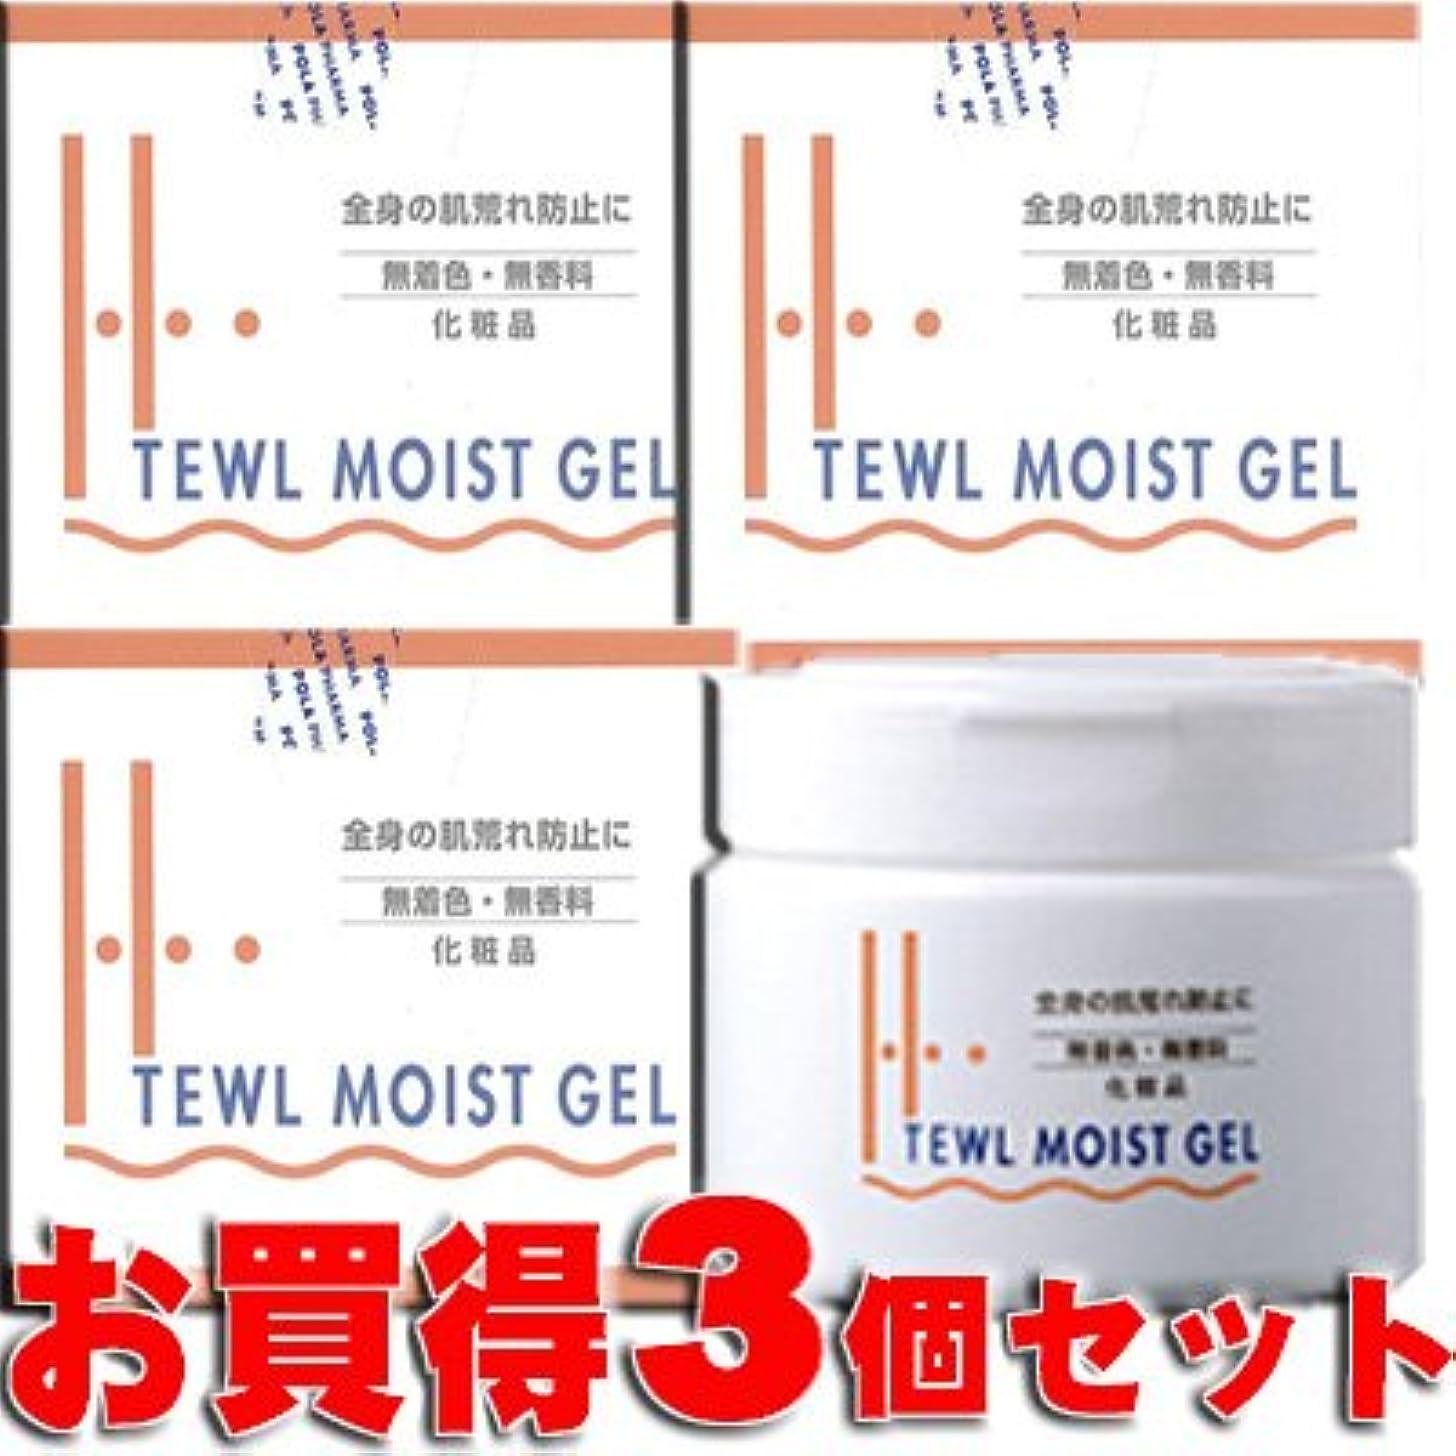 広範囲にエチケット反逆★お買得3個★ ハイテウル モイストジェル 300gx3個 (ポーラファルマ)エタノールや界面活性剤に敏感な方へおすすめするゲルクリームです。